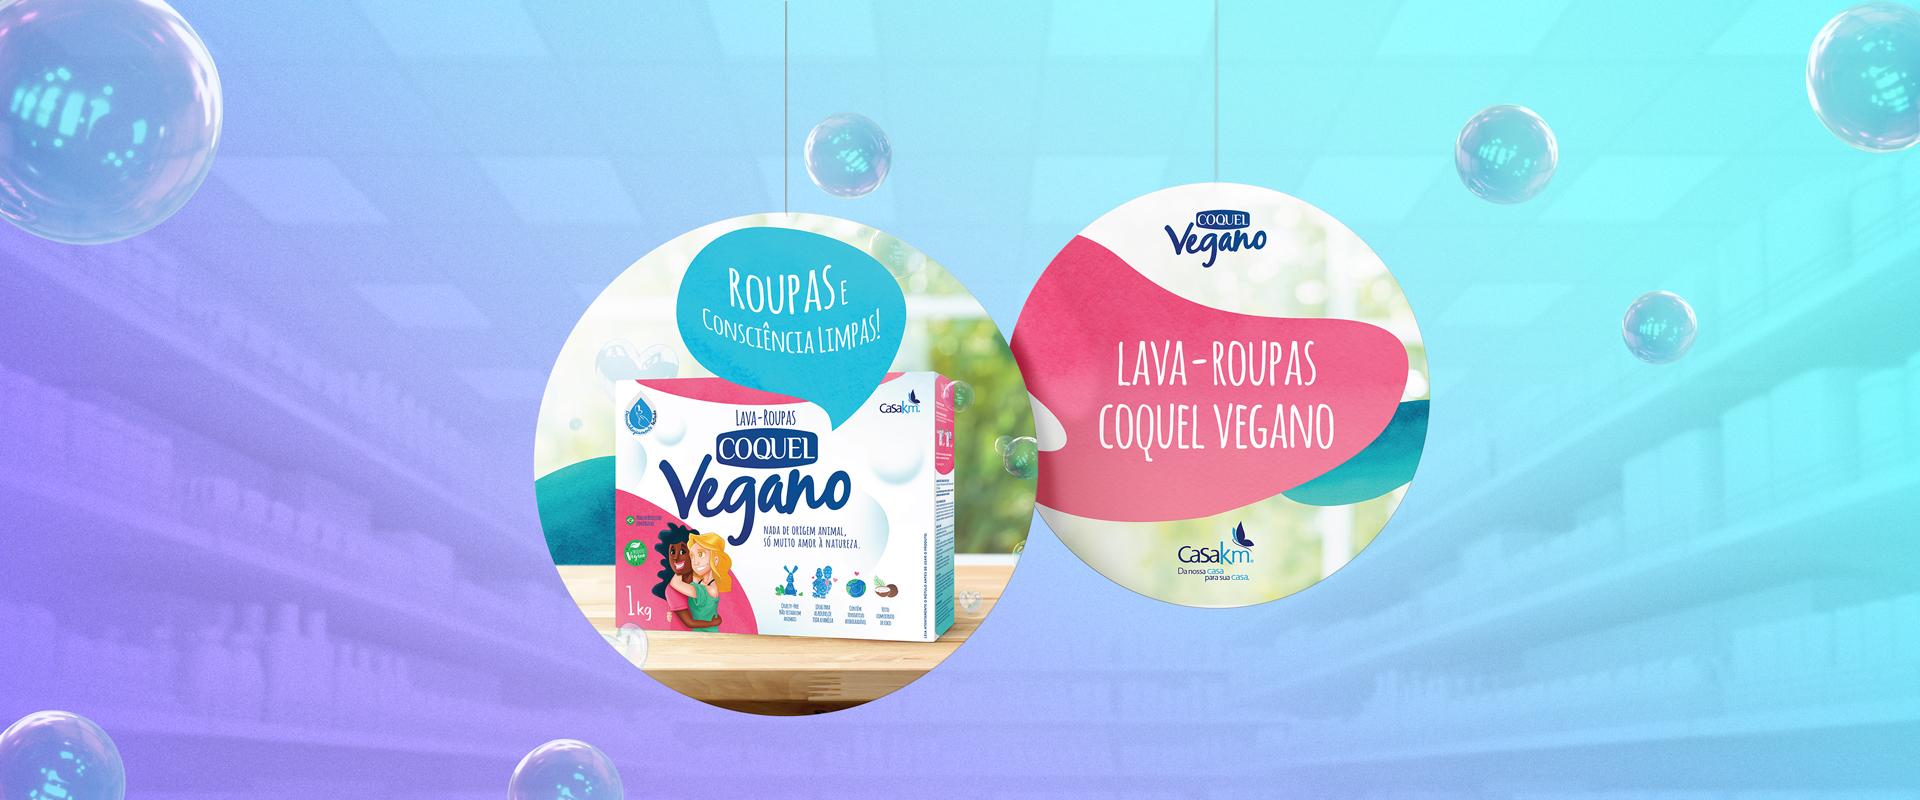 Consumo consciente é o foco da Impulsa para o lançamento de COQUEL Vegano, da Casa KM